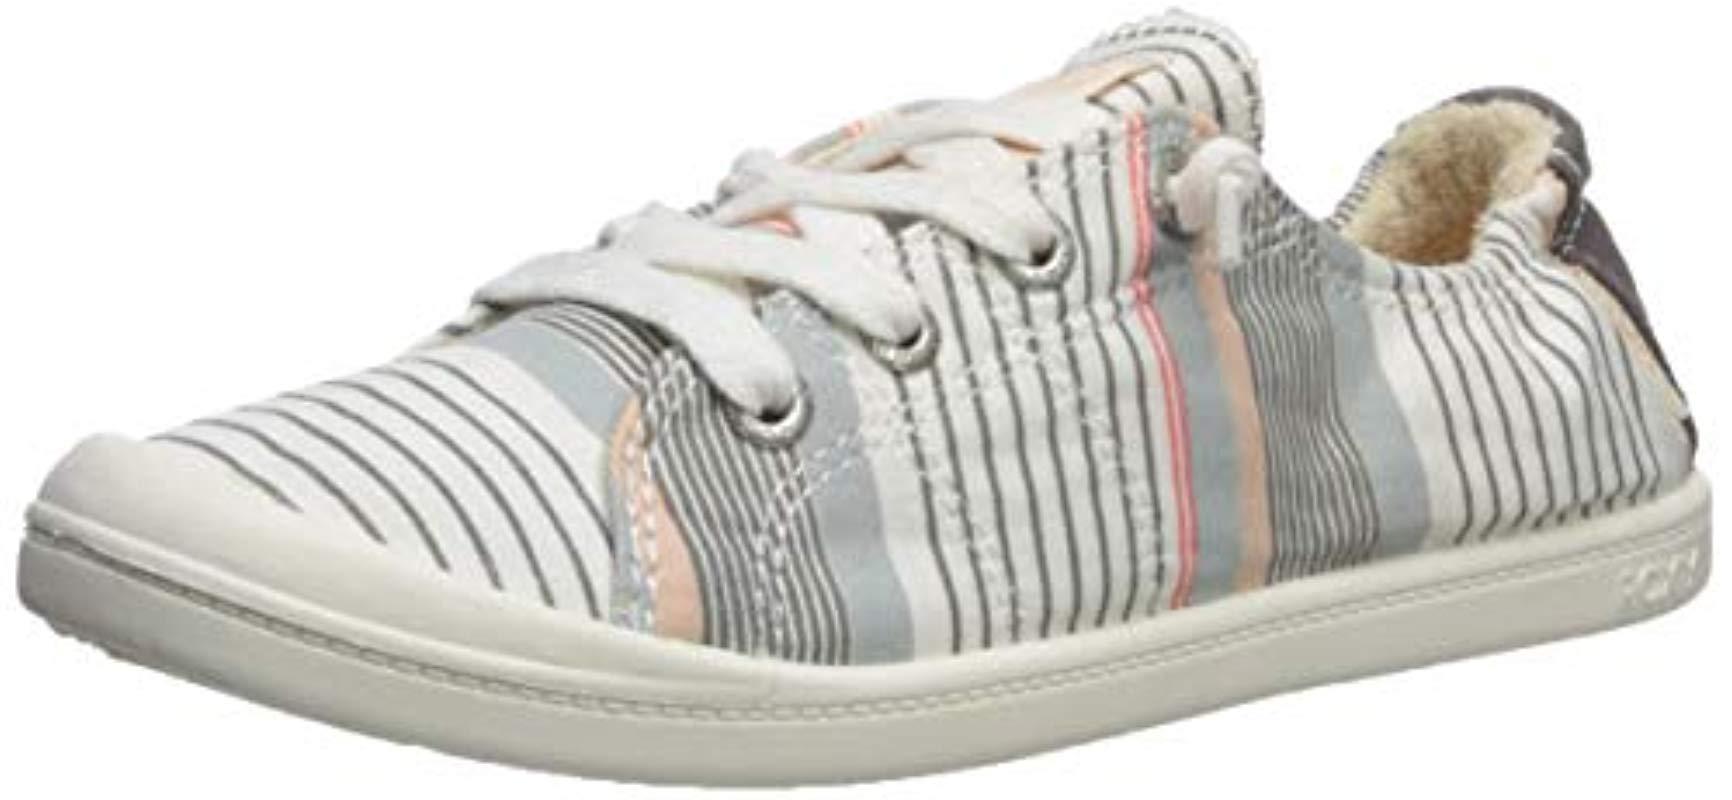 1b66d261 Roxy. Women's Rory Slip On Sneaker Shoe